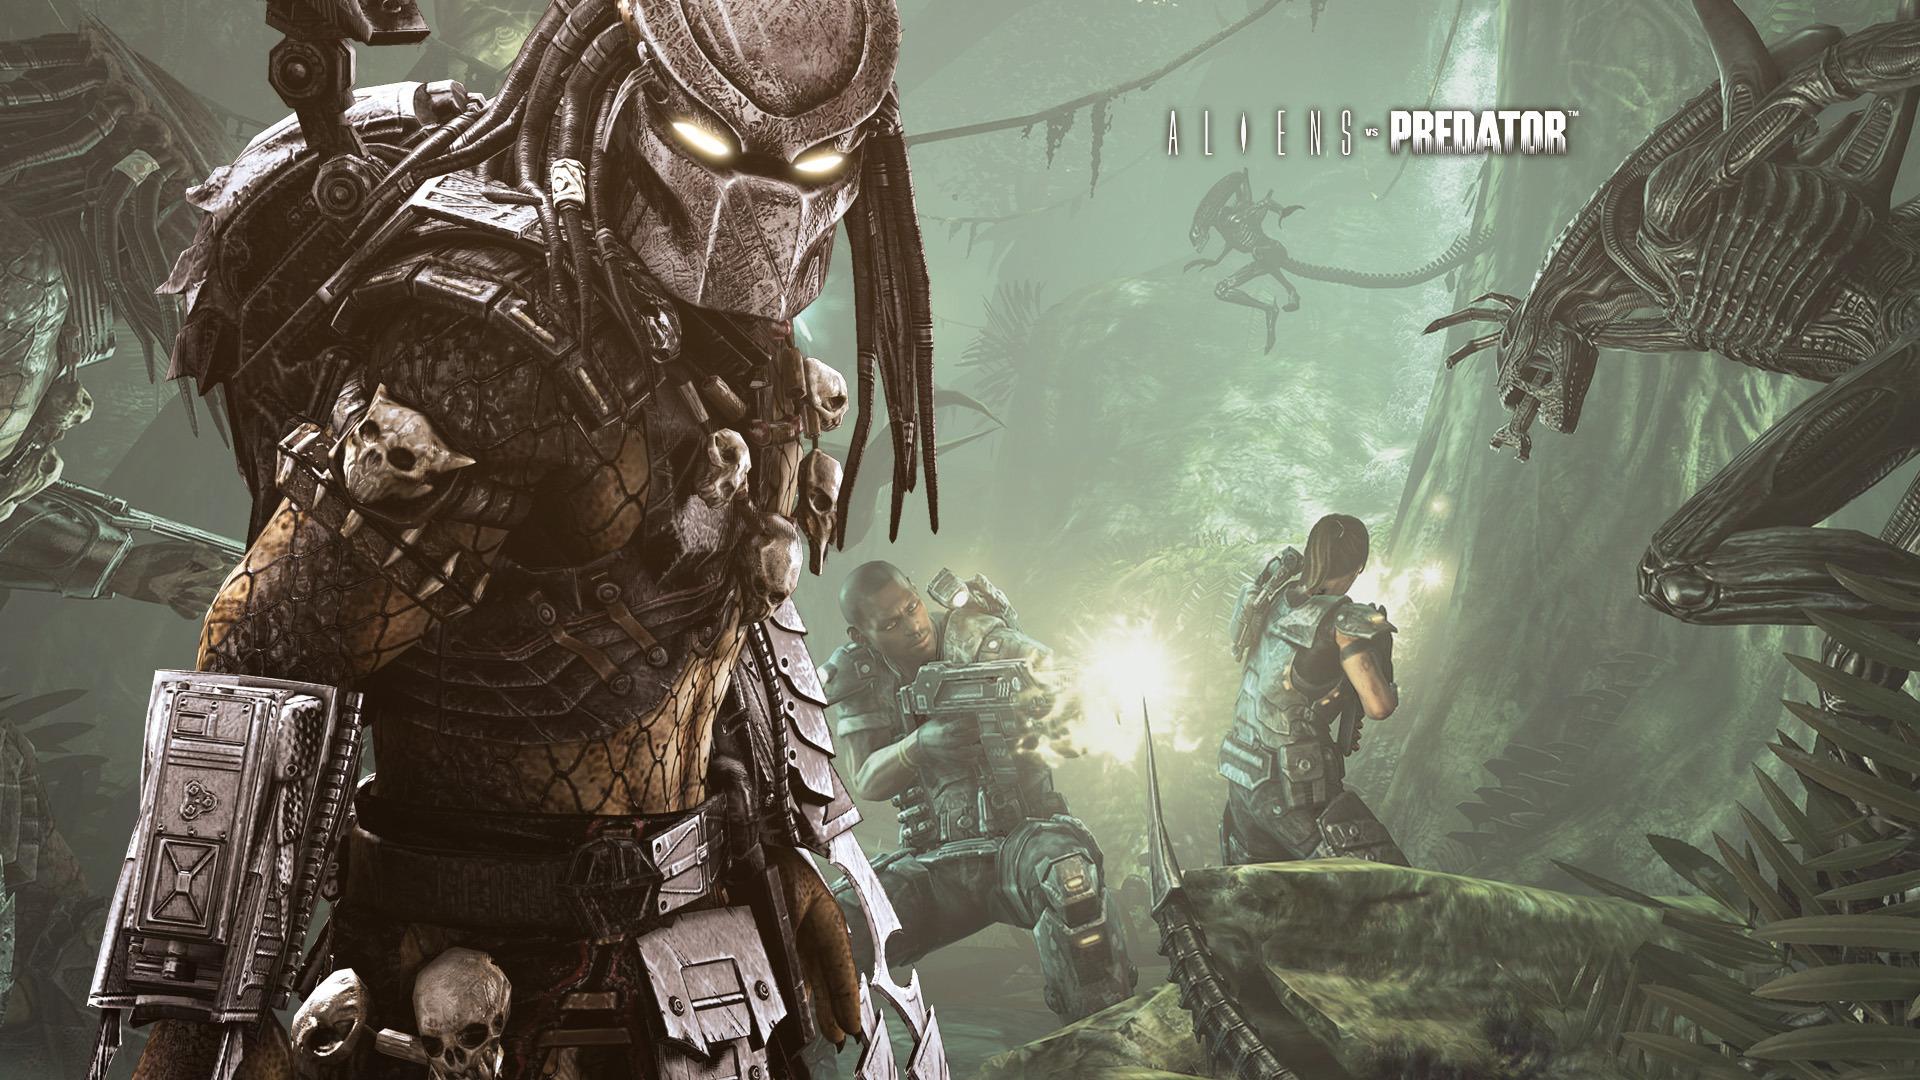 Download Aliens Vs Predator Game Wallpaper Full HD Wallpapers 1920x1080